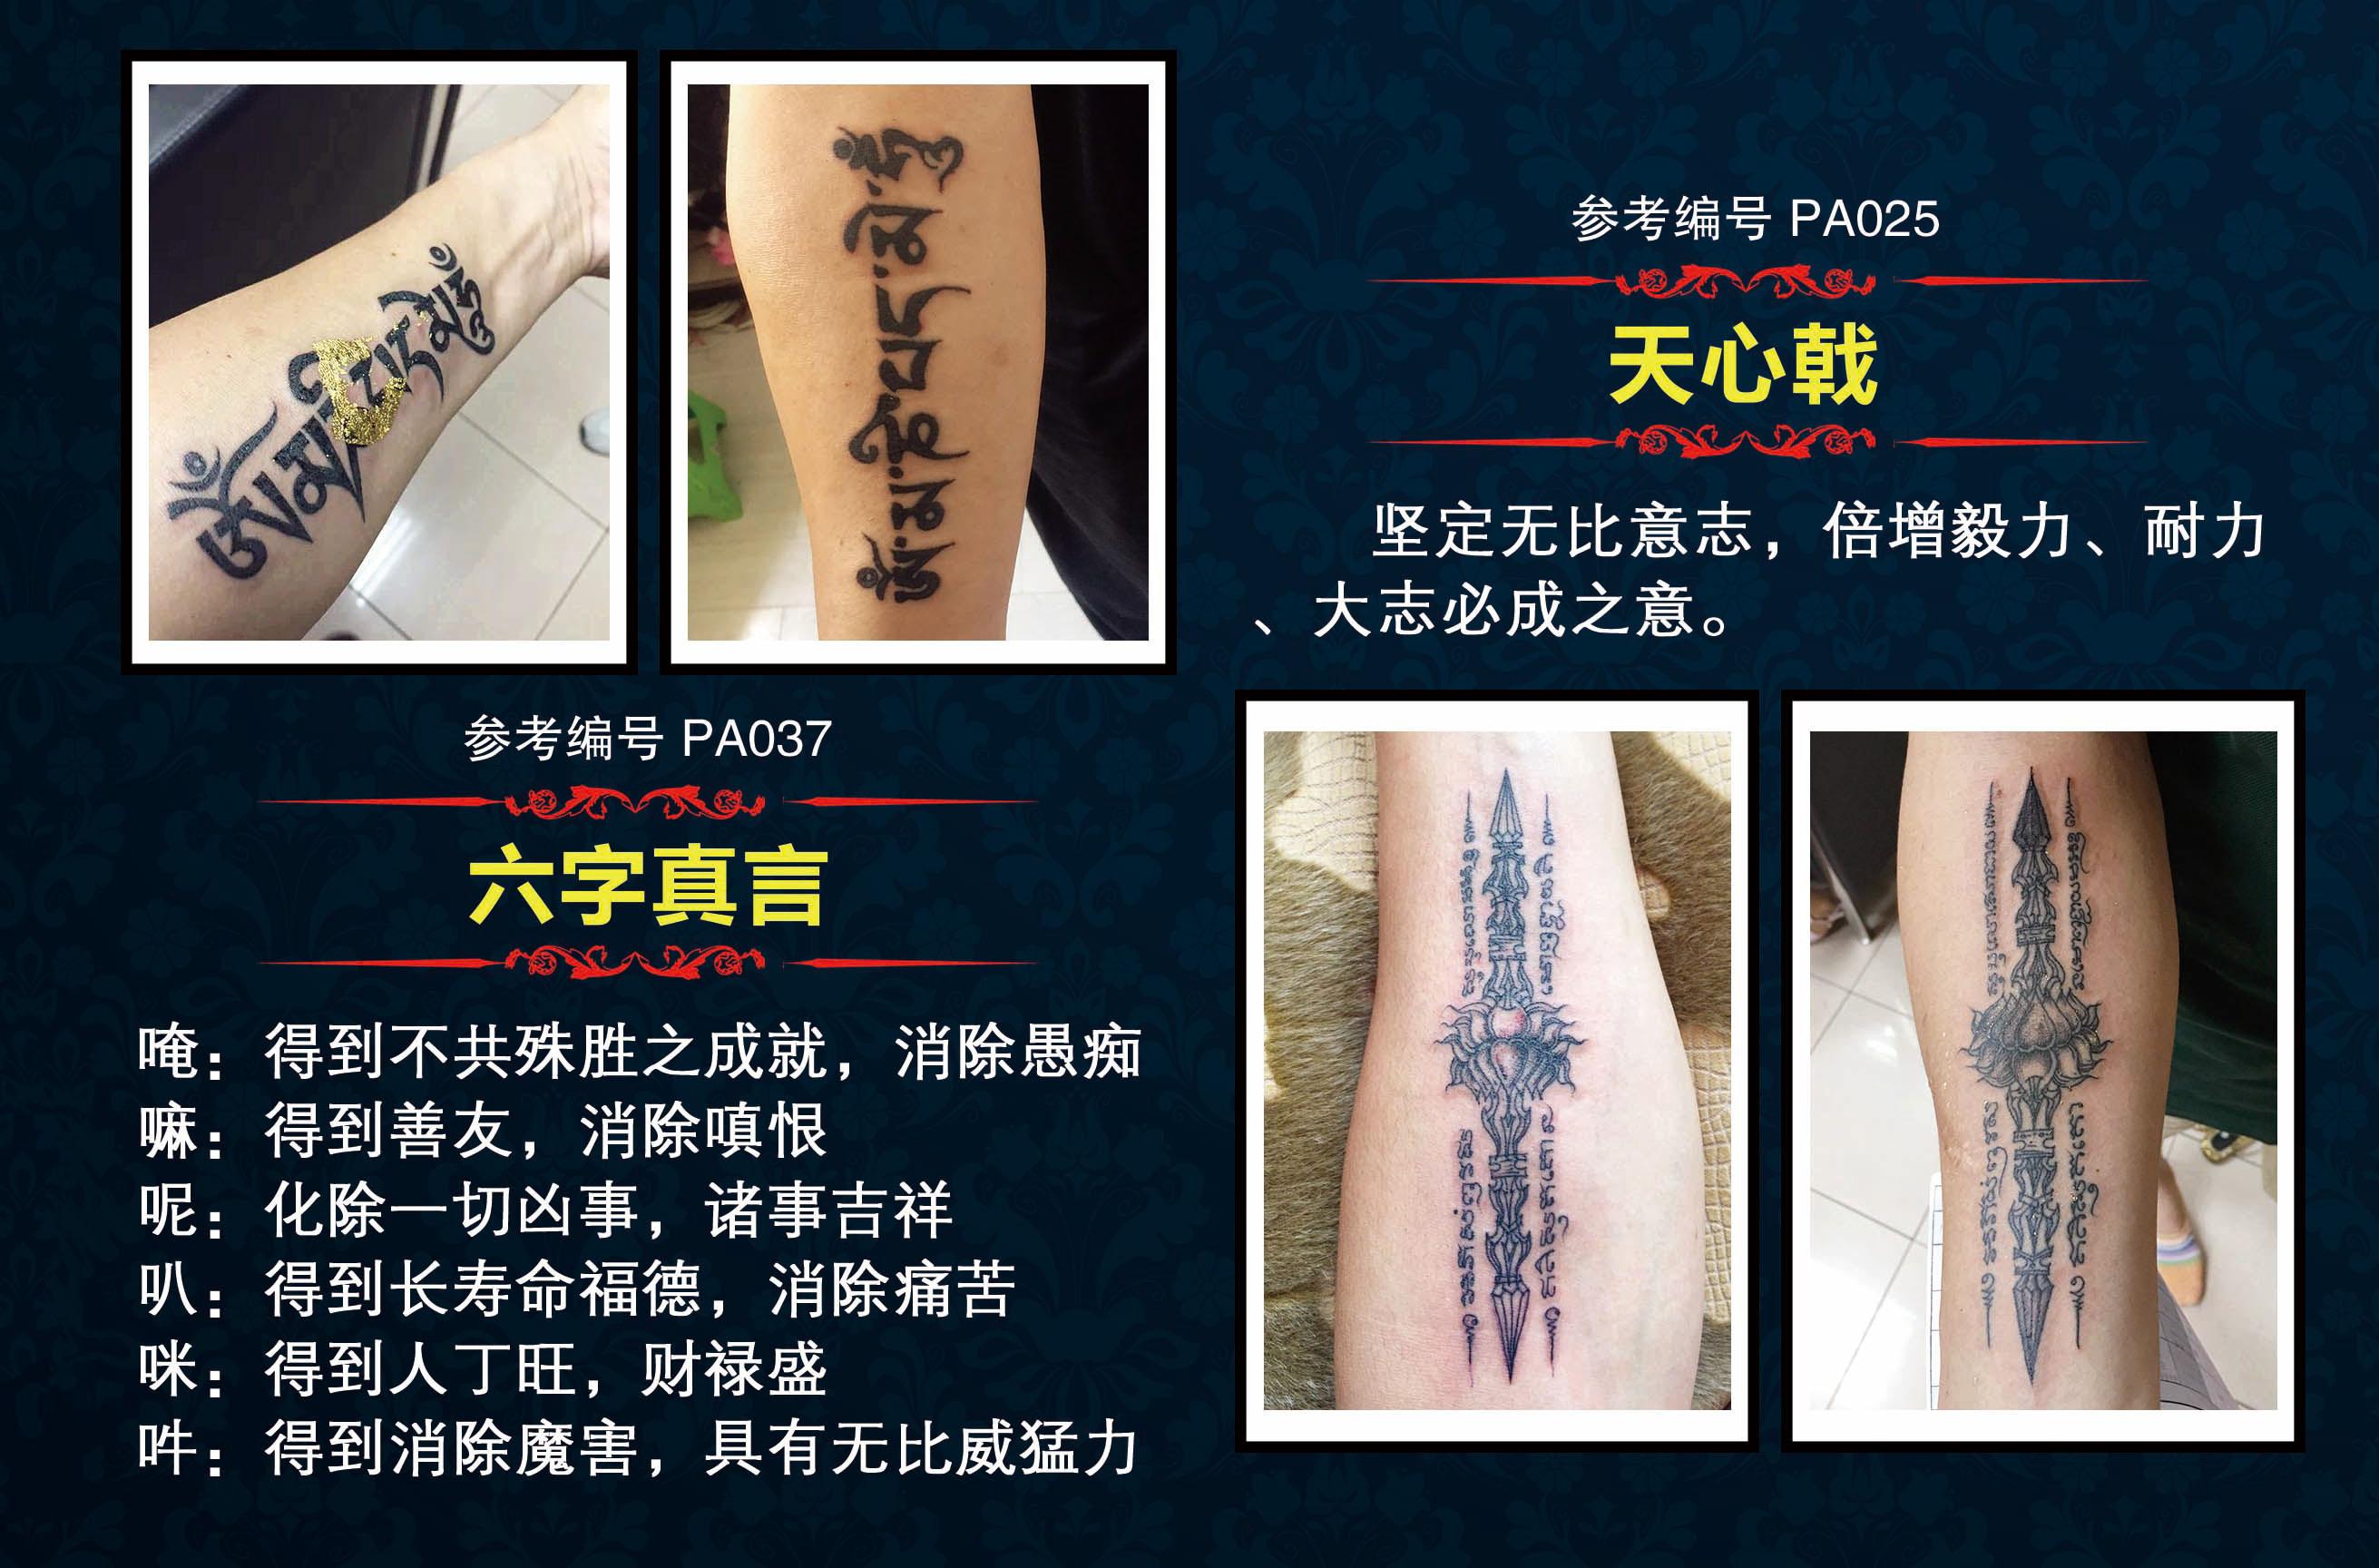 泰国刺符纹身预约男女满背纹身梵文刺青象神五条经文